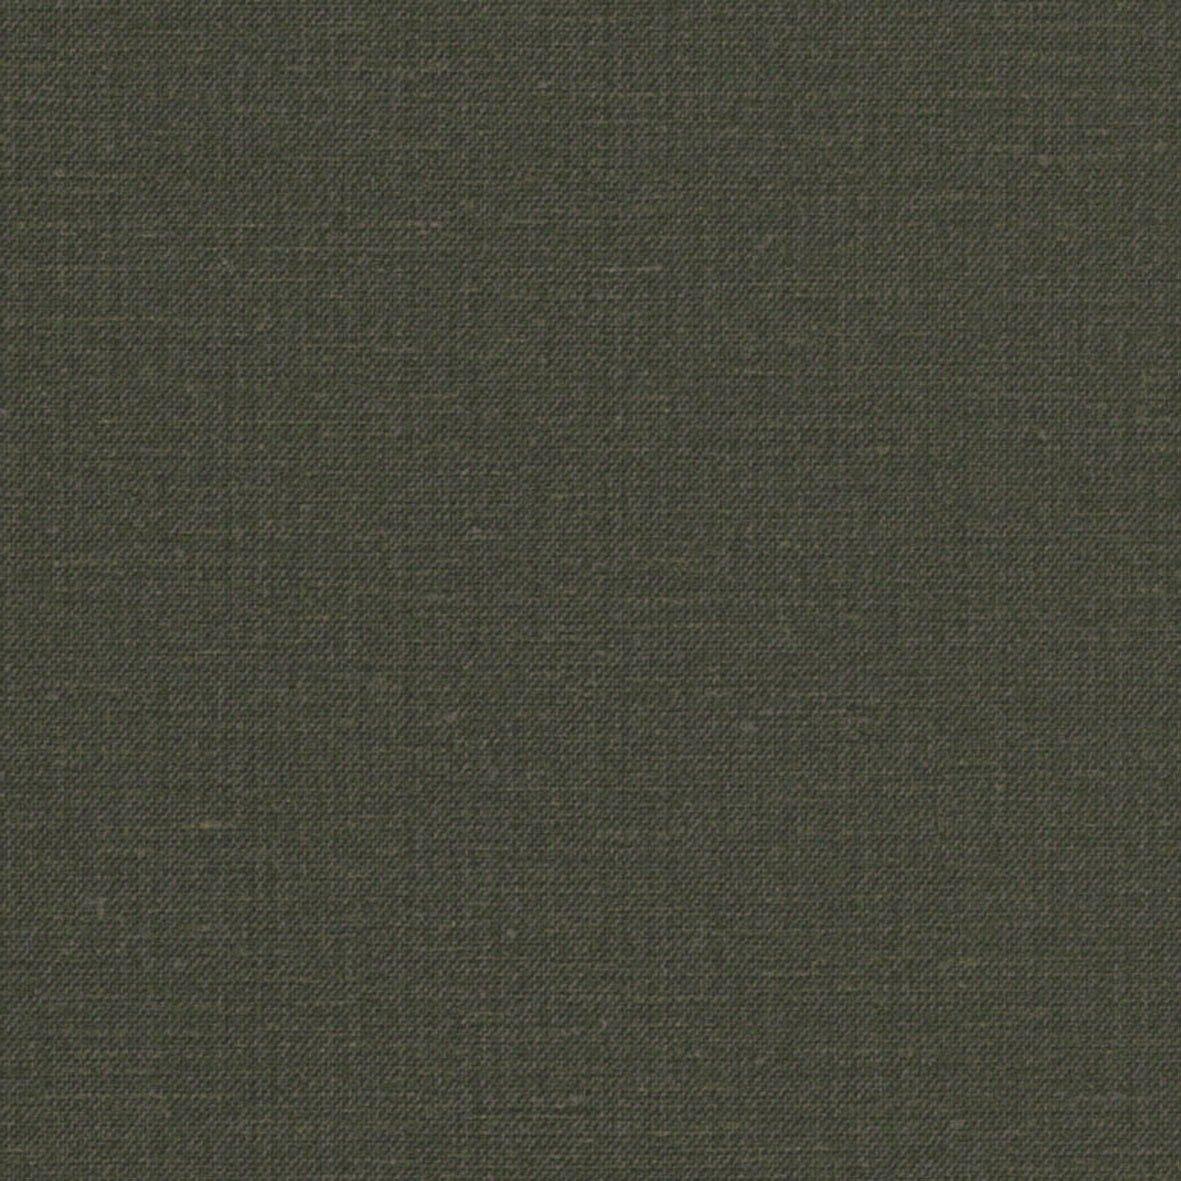 ー品販売 シンフル 壁紙39m リリカラ 無地 39m ブラウン2 B01mxdk9jd